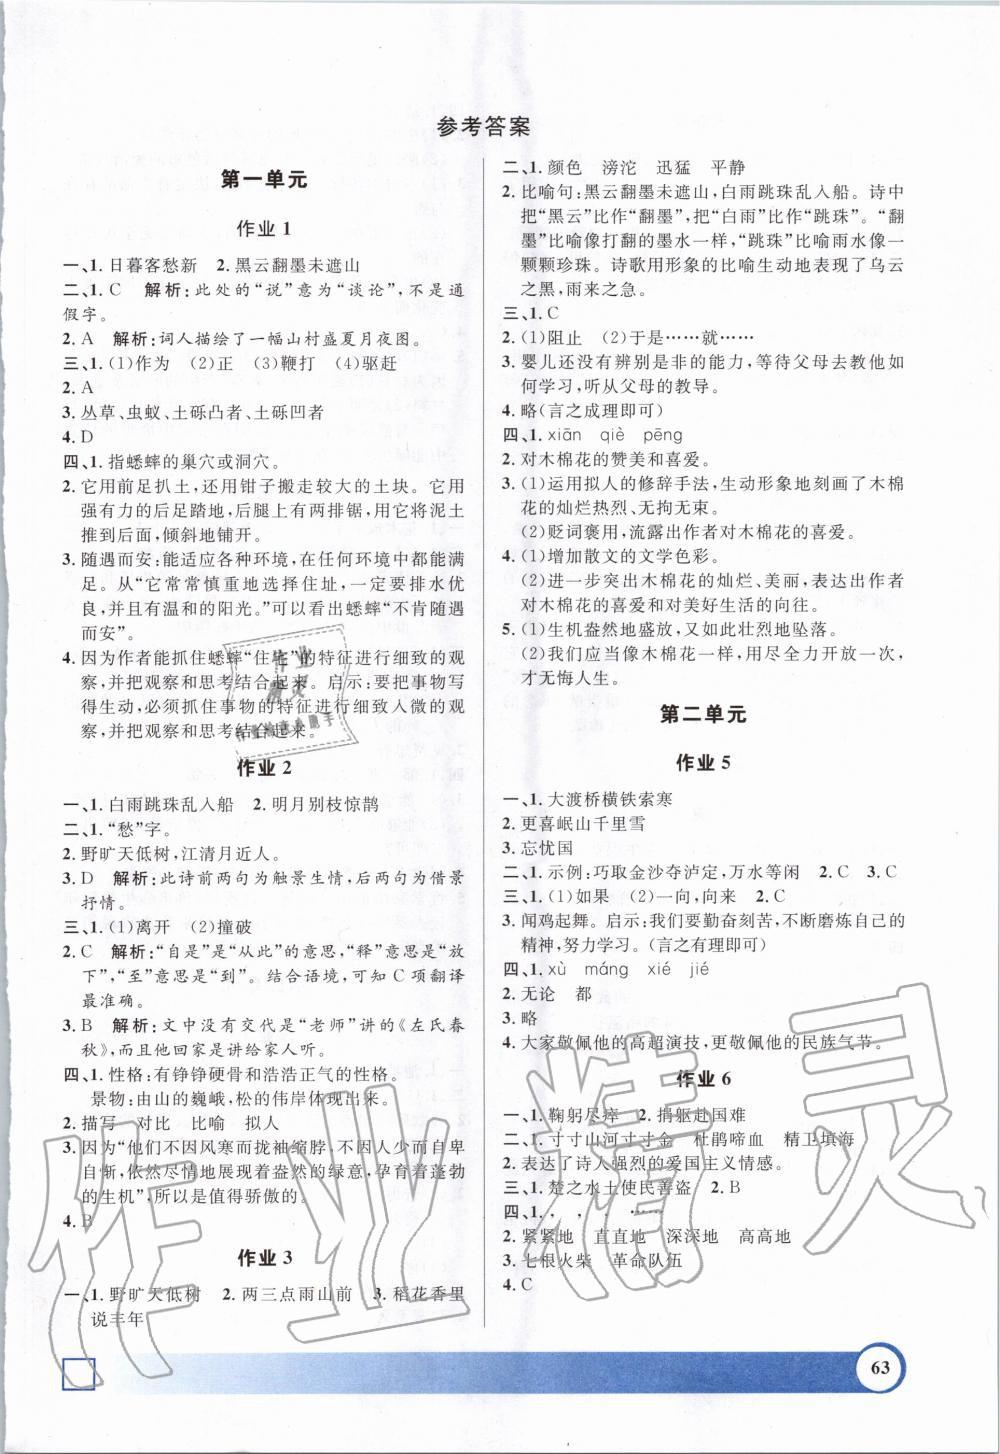 2020年钟书金牌寒假作业导与练六年级语文人教版第1页